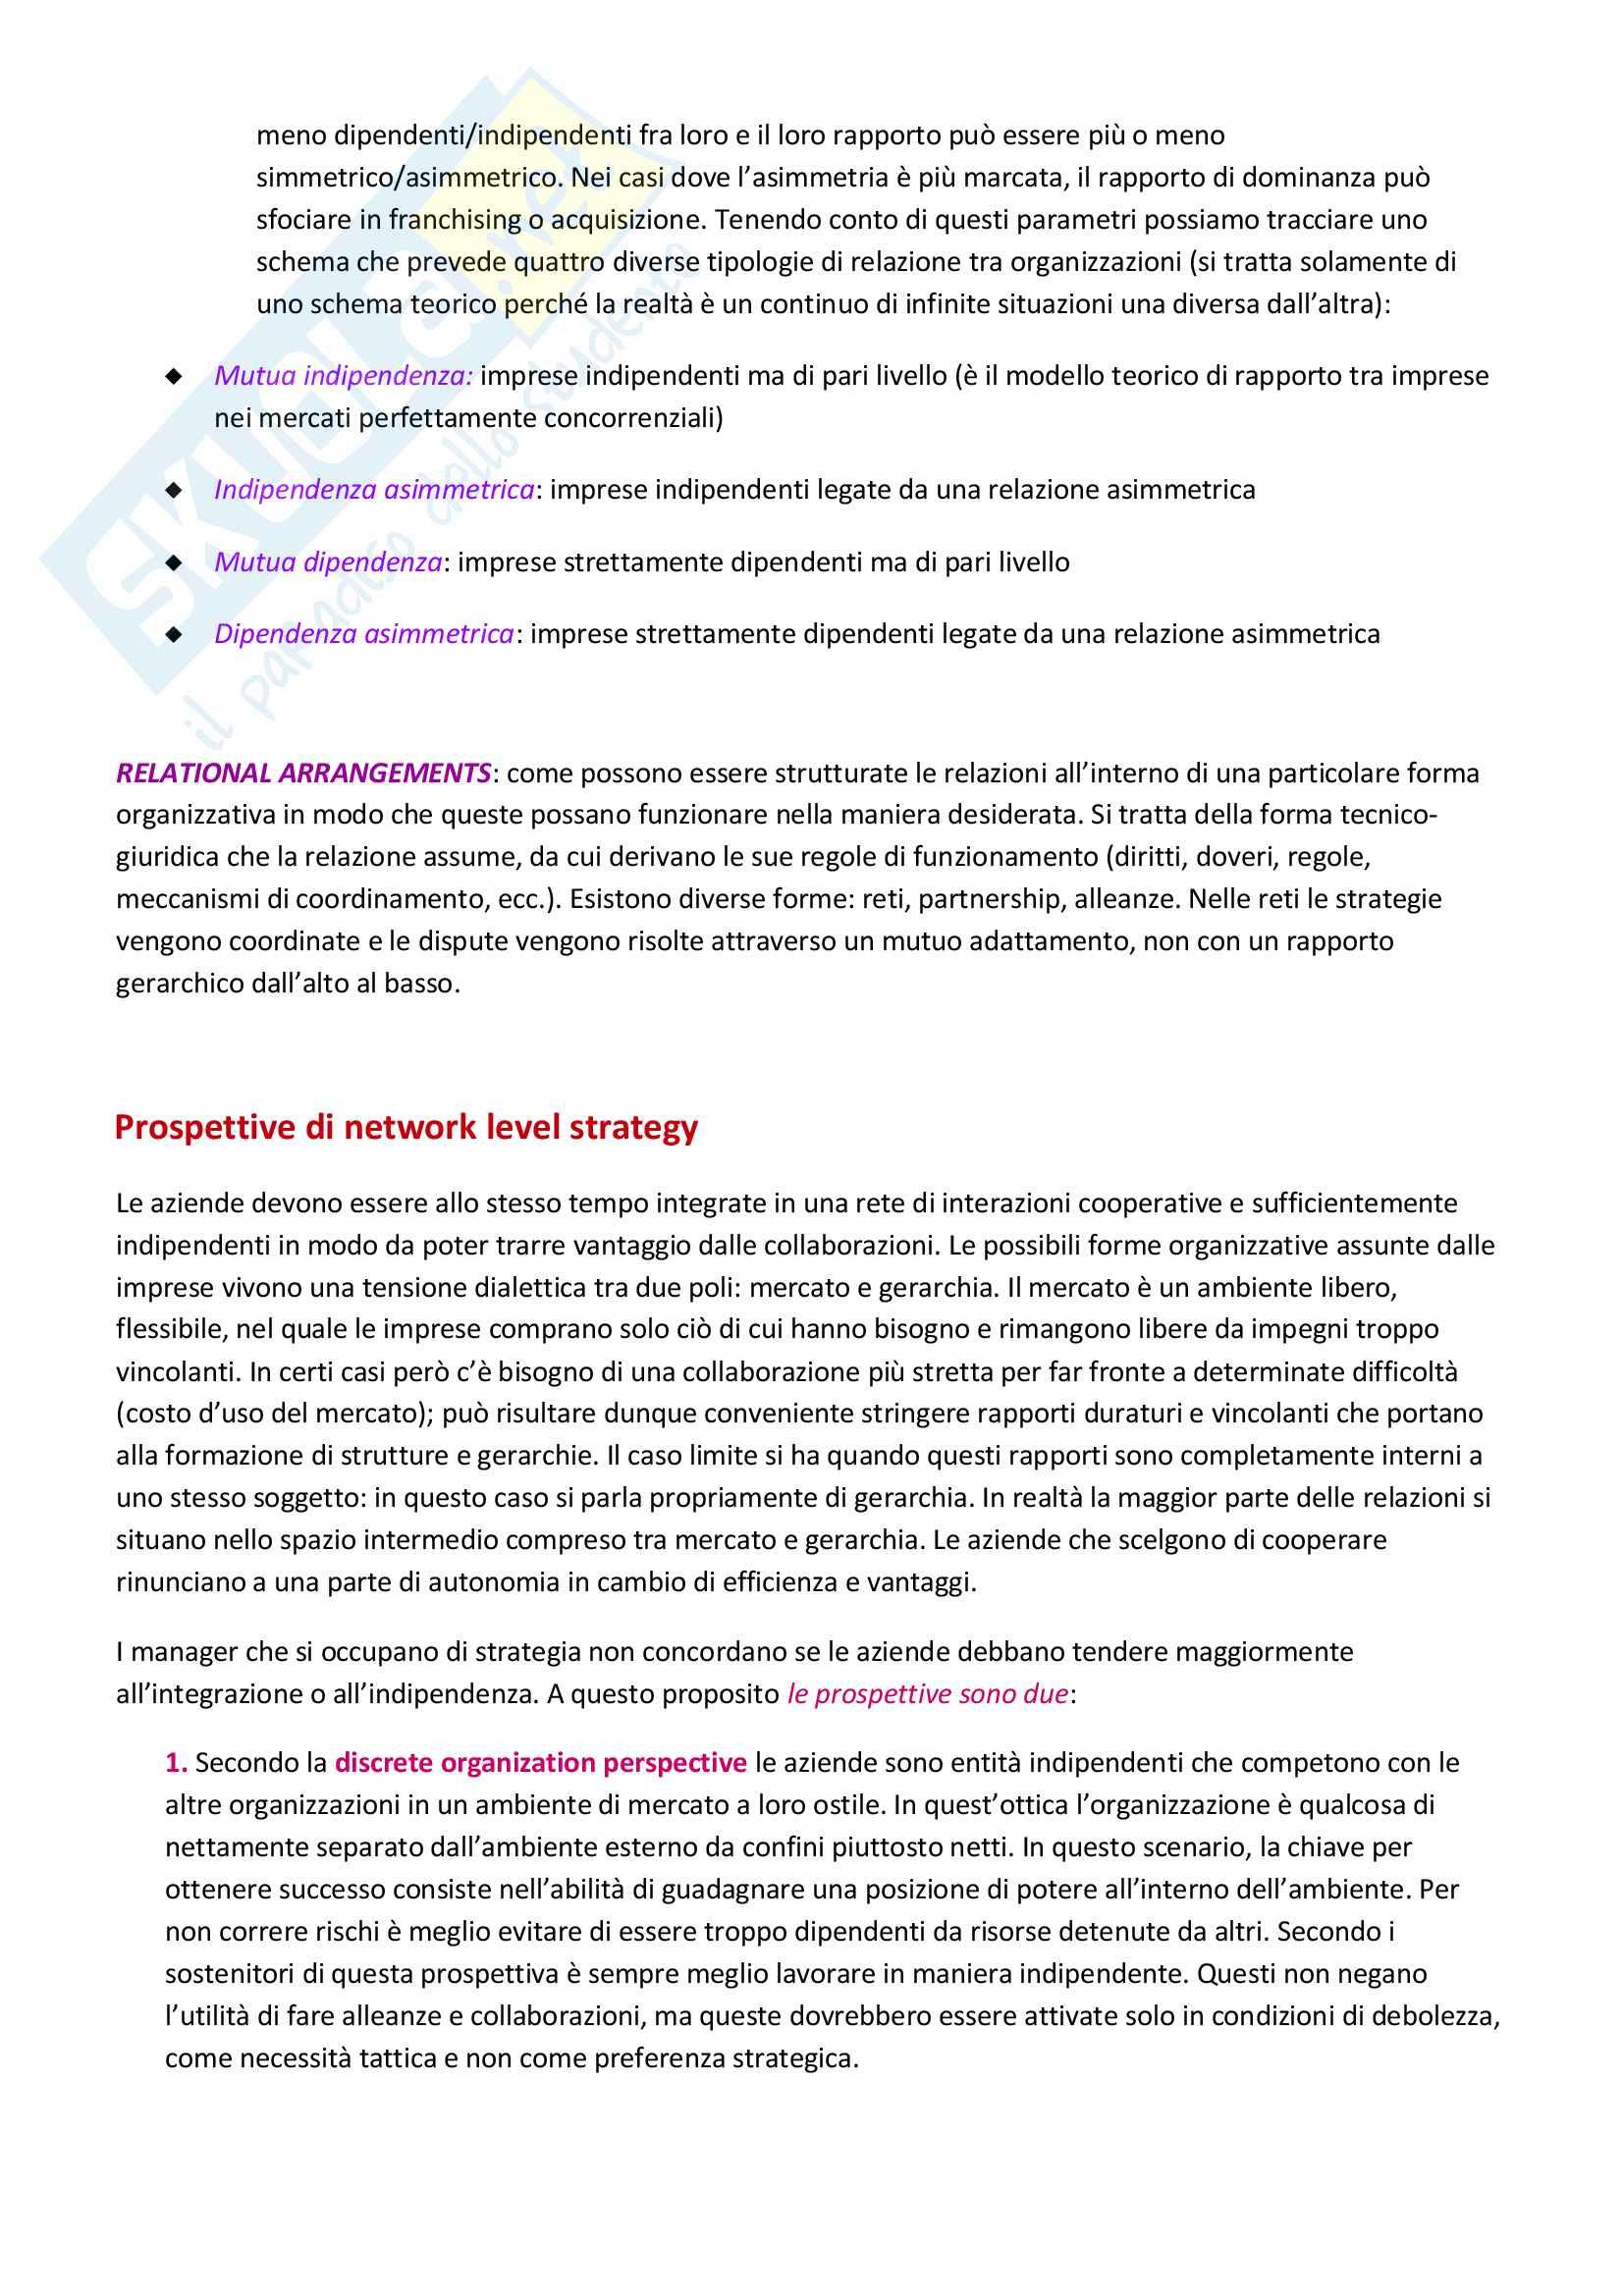 Governo delle organizzazioni culturali, prof Tamma Pag. 31